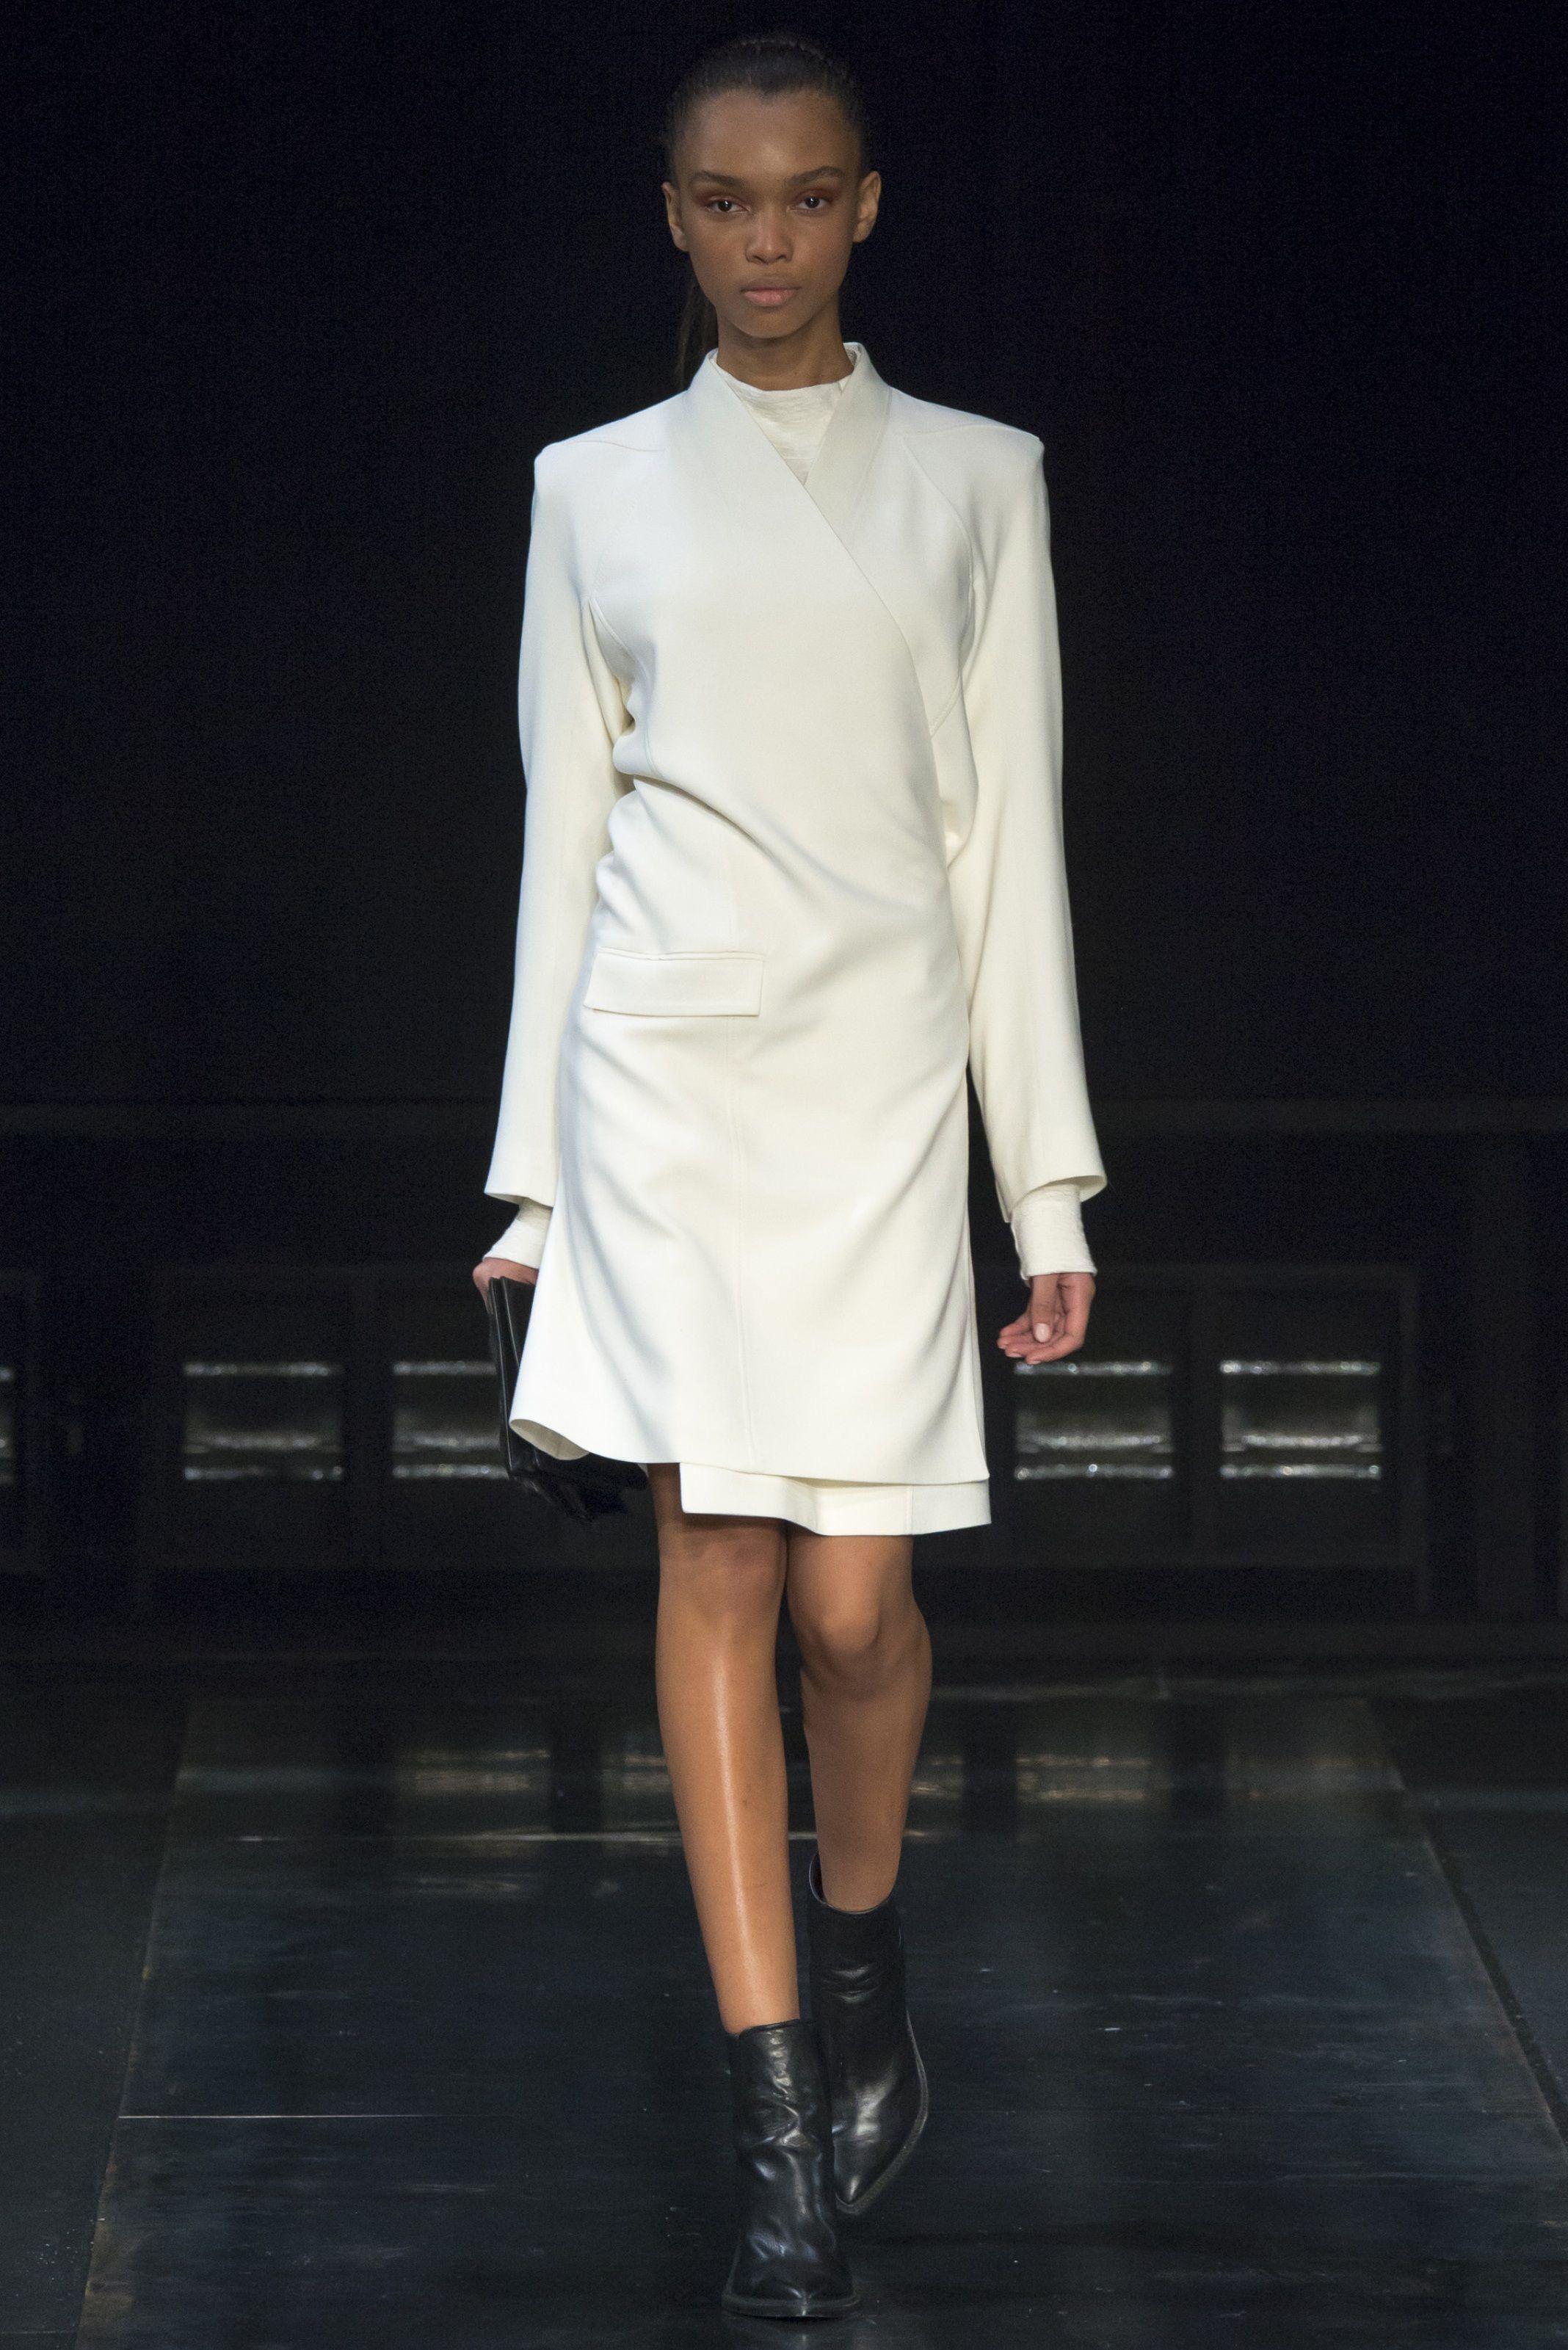 Sfilata Helmut Lang New York - Collezioni Autunno Inverno 2014-15 - Vogue 68b9448d13e